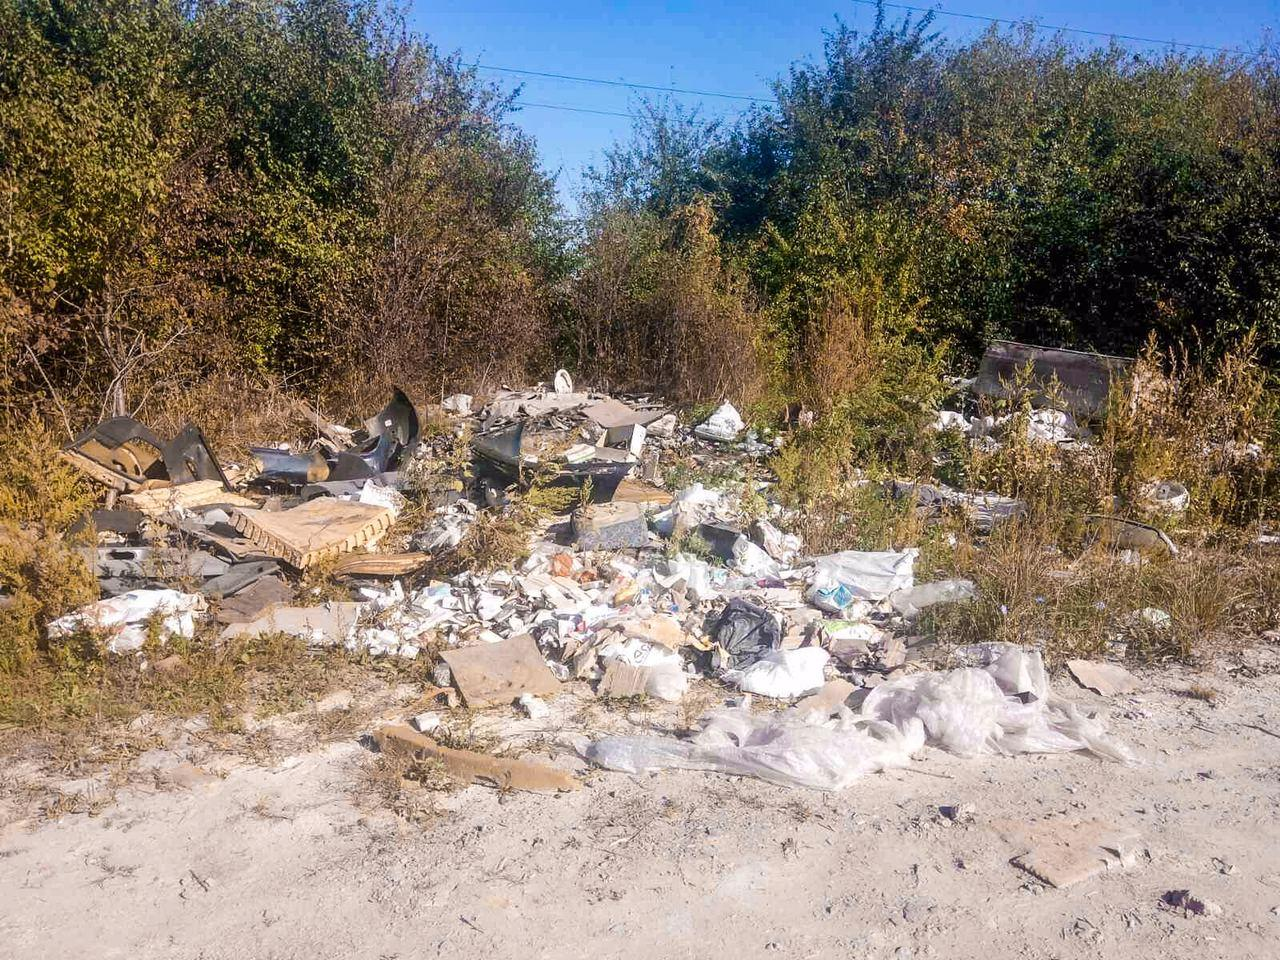 Поблизу Луцька виявили стихійне сміттєзвалище